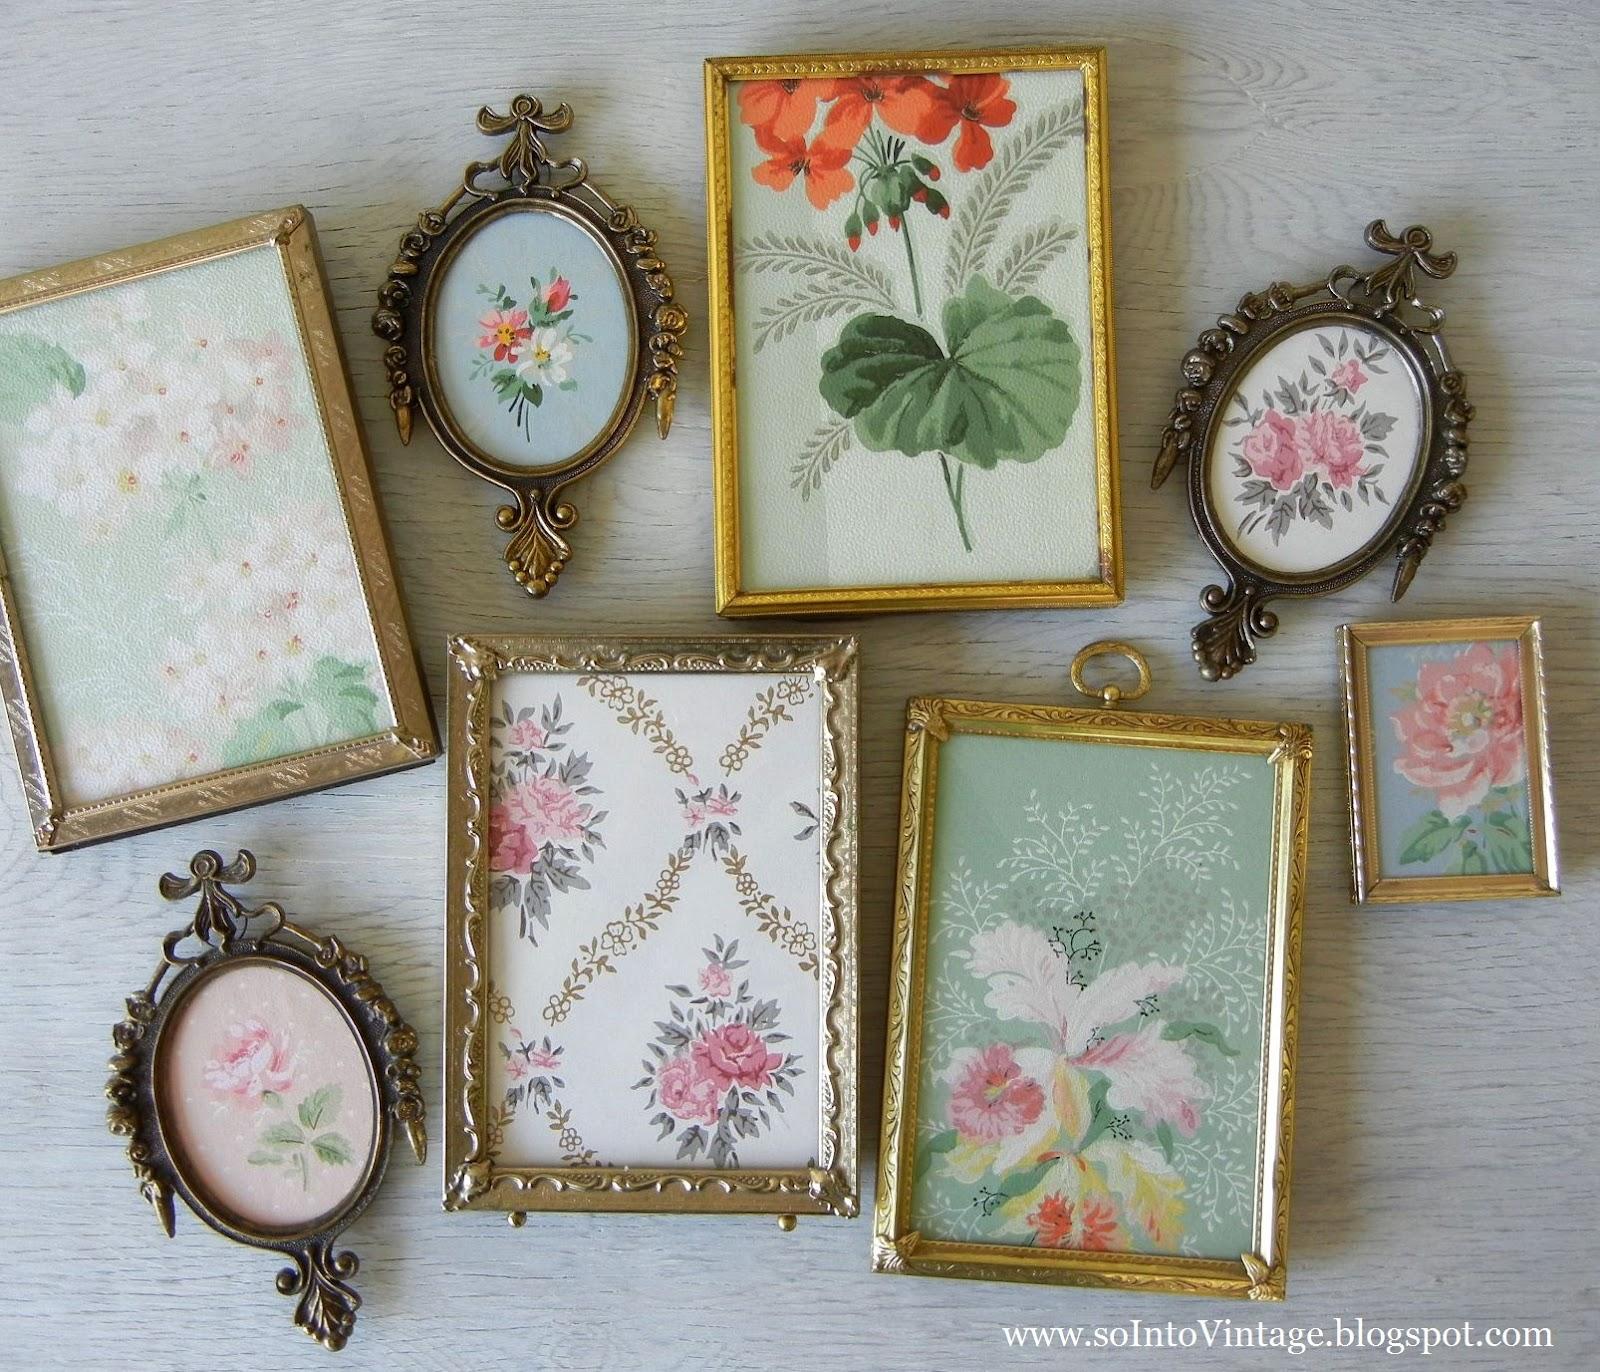 http://1.bp.blogspot.com/-eeNdh3gqVoY/T49eFdA7tGI/AAAAAAAAB3w/EuzcLODqA8Q/s1600/frames+wm.jpg